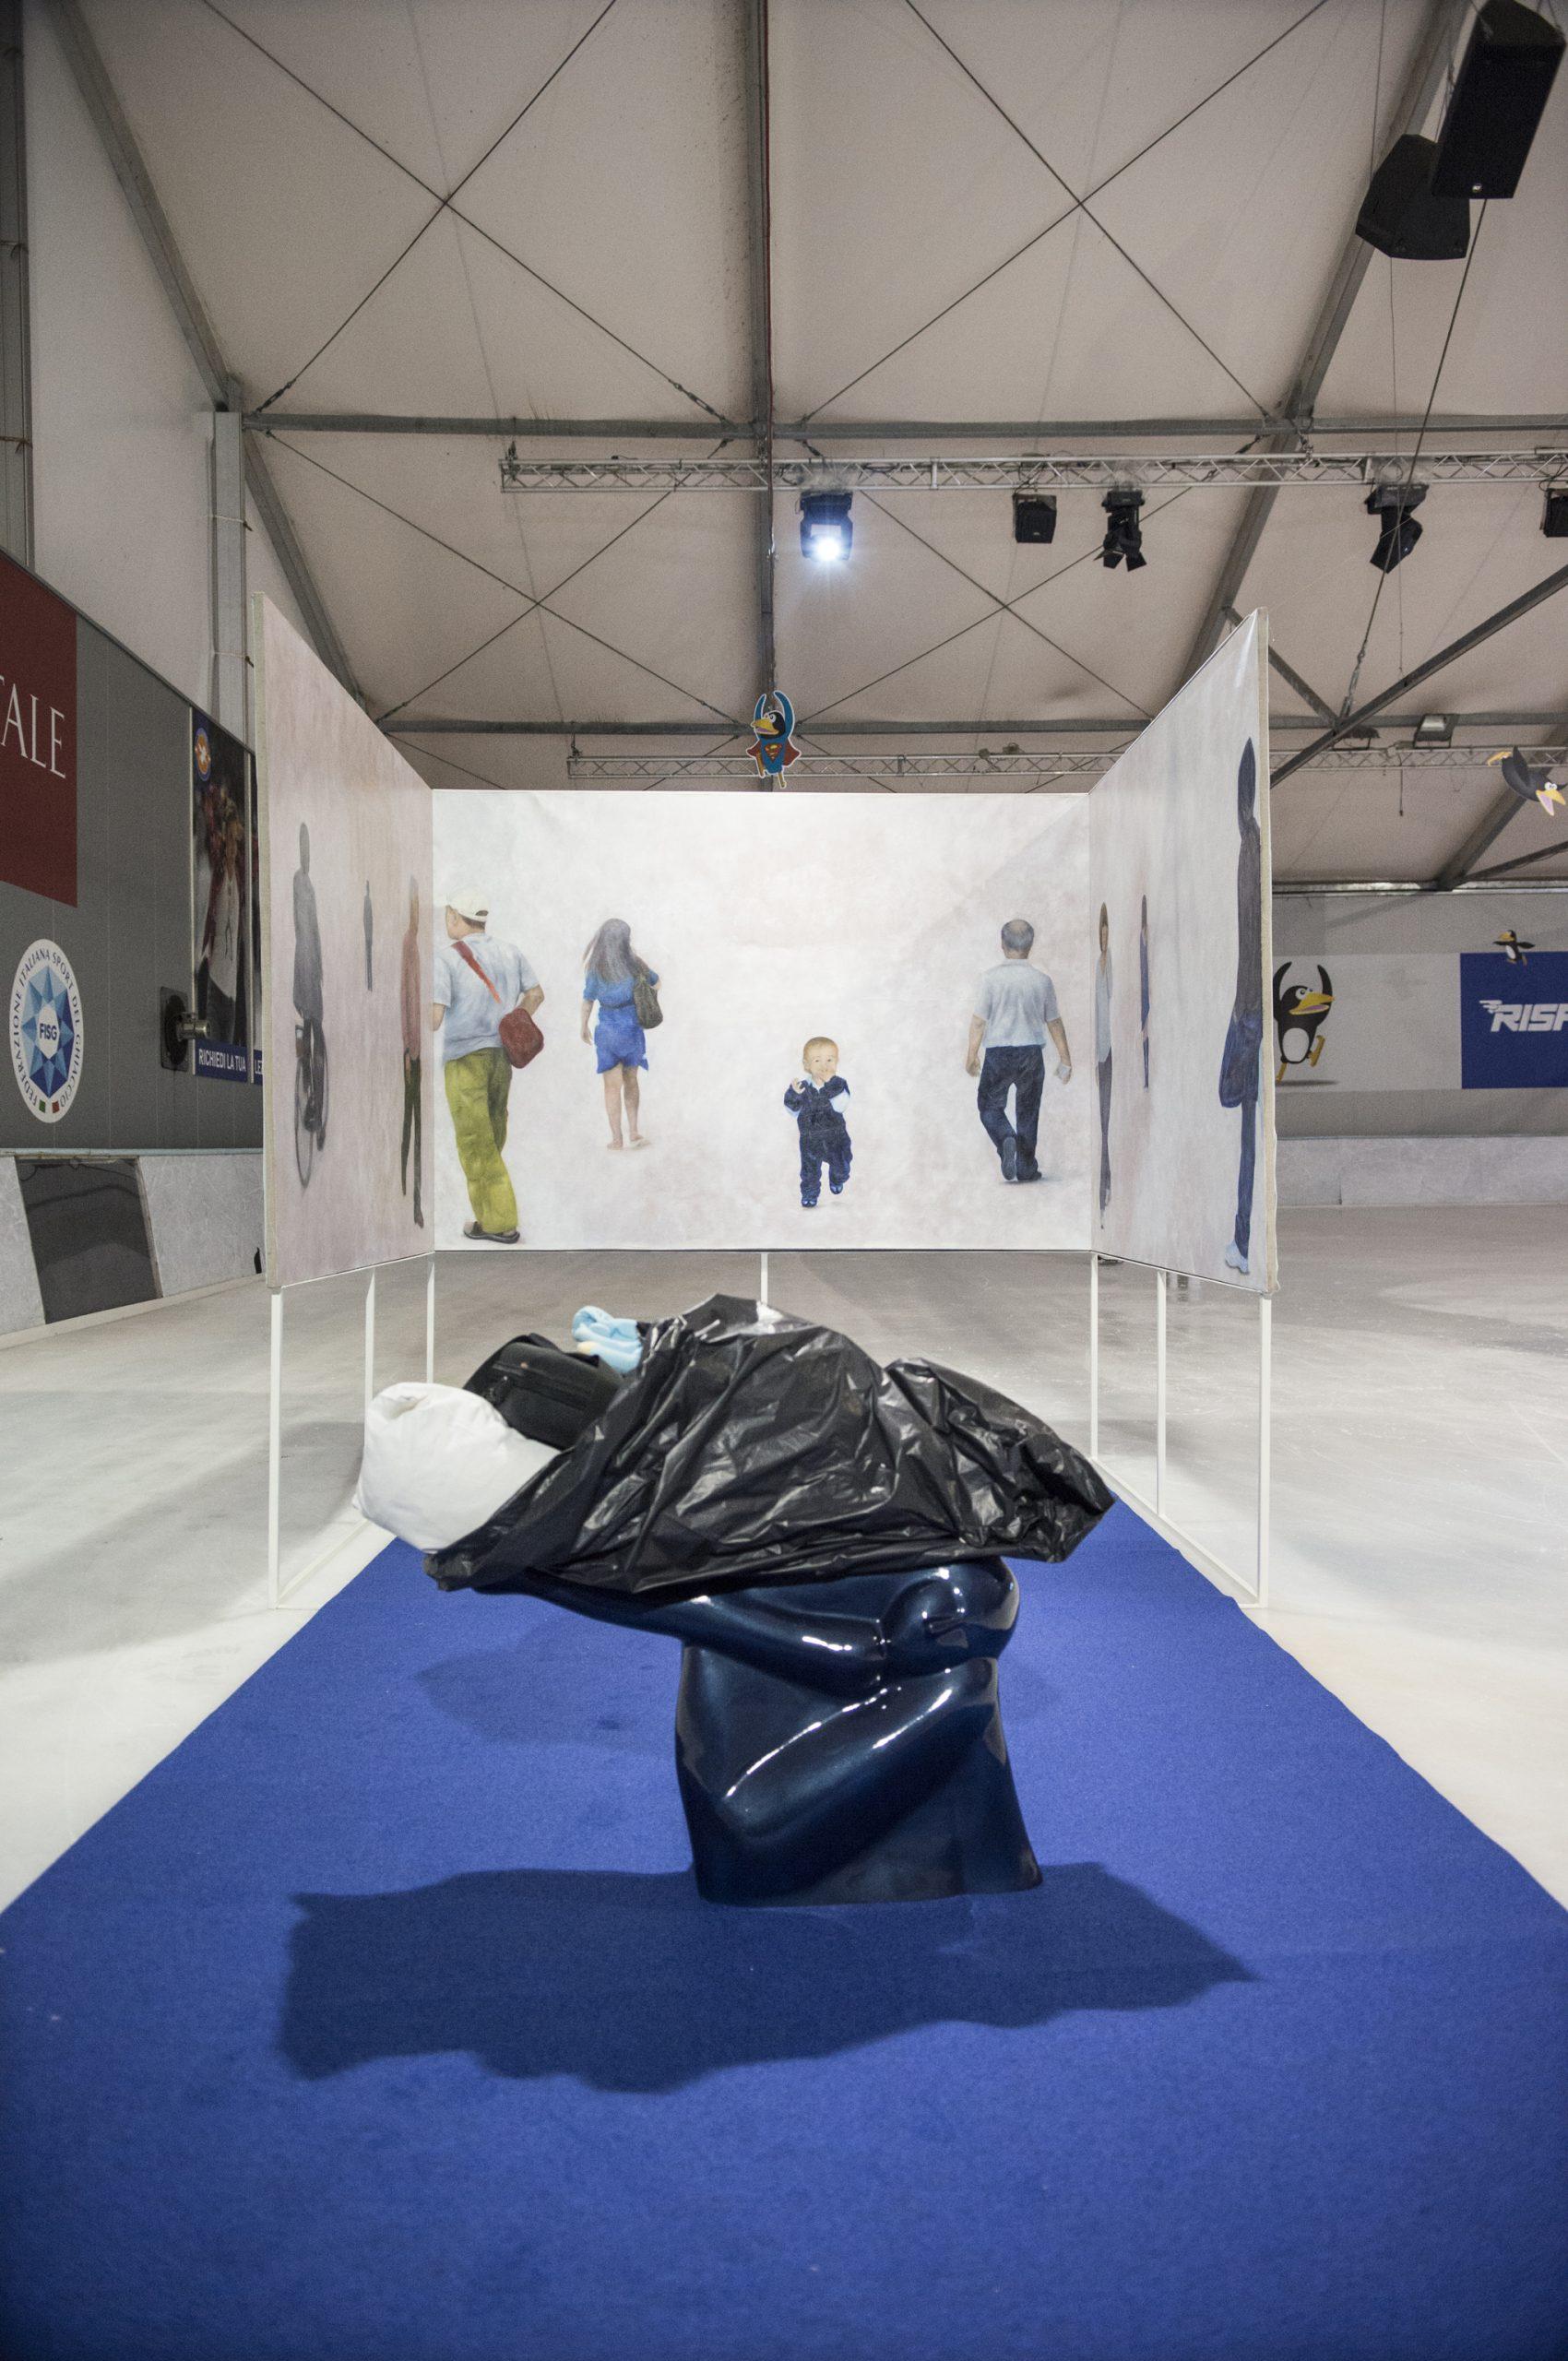 1)installazione disconnected dreams,3 tele dipinte ad olio e scultura in vetroresina con assemblaggio di oggetti,Cm 220x150,200x150,200x150,90x30x75,2011